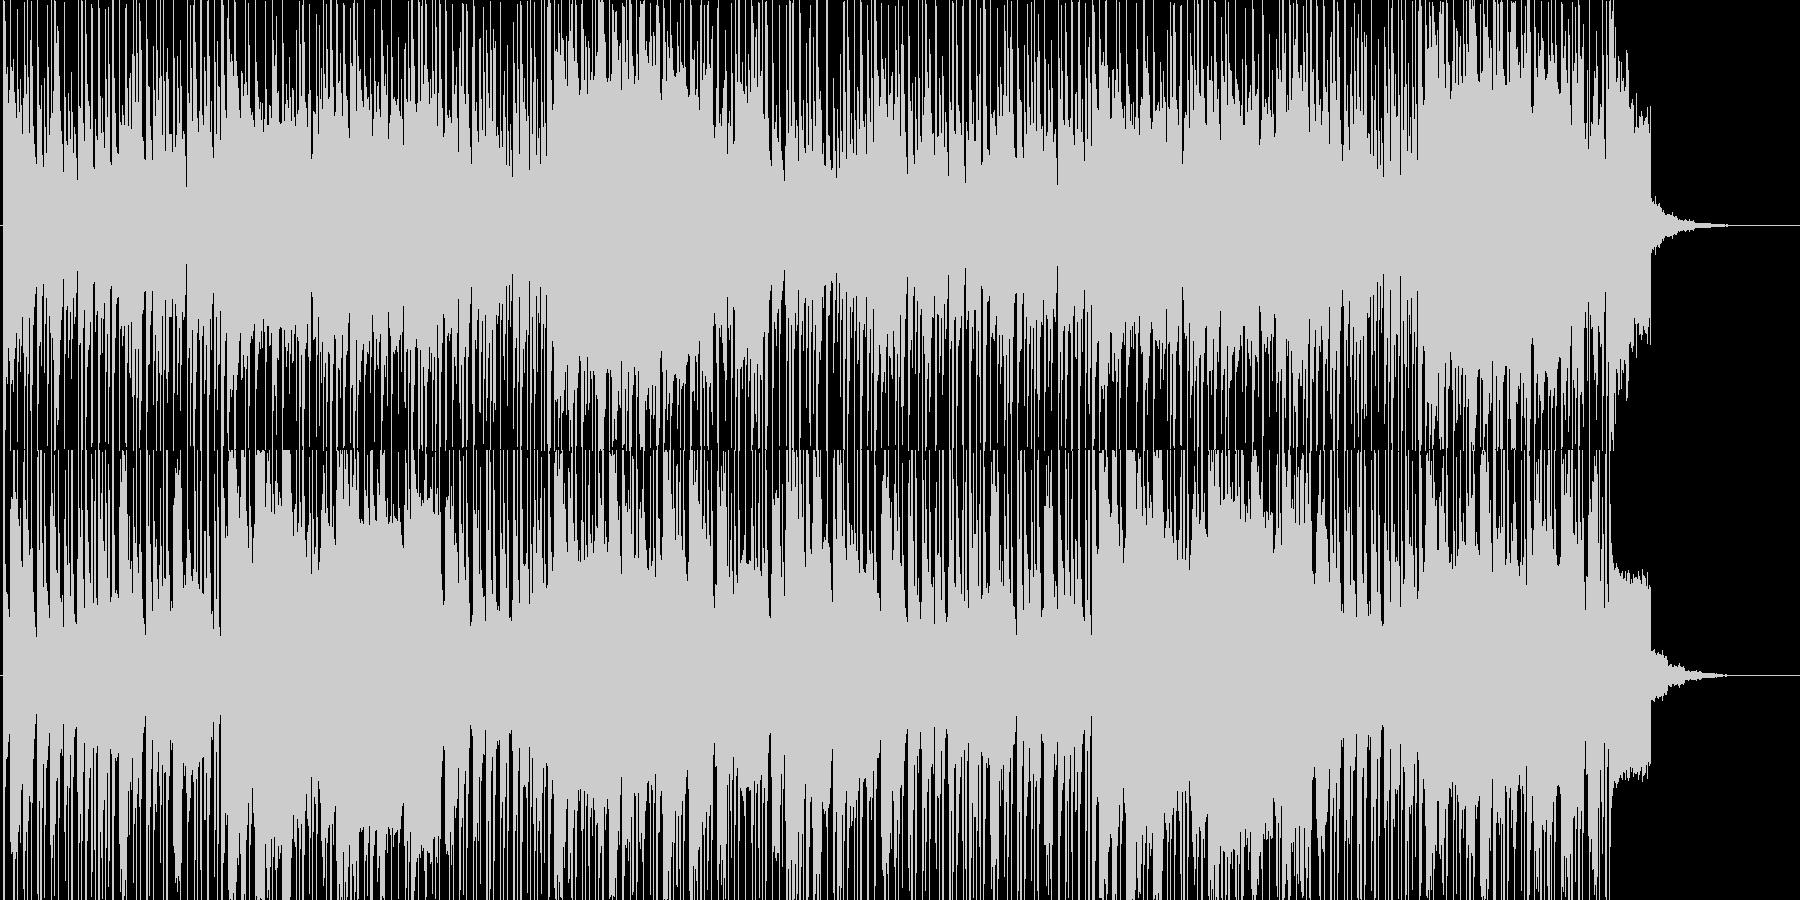 中東テイストのBGMの未再生の波形